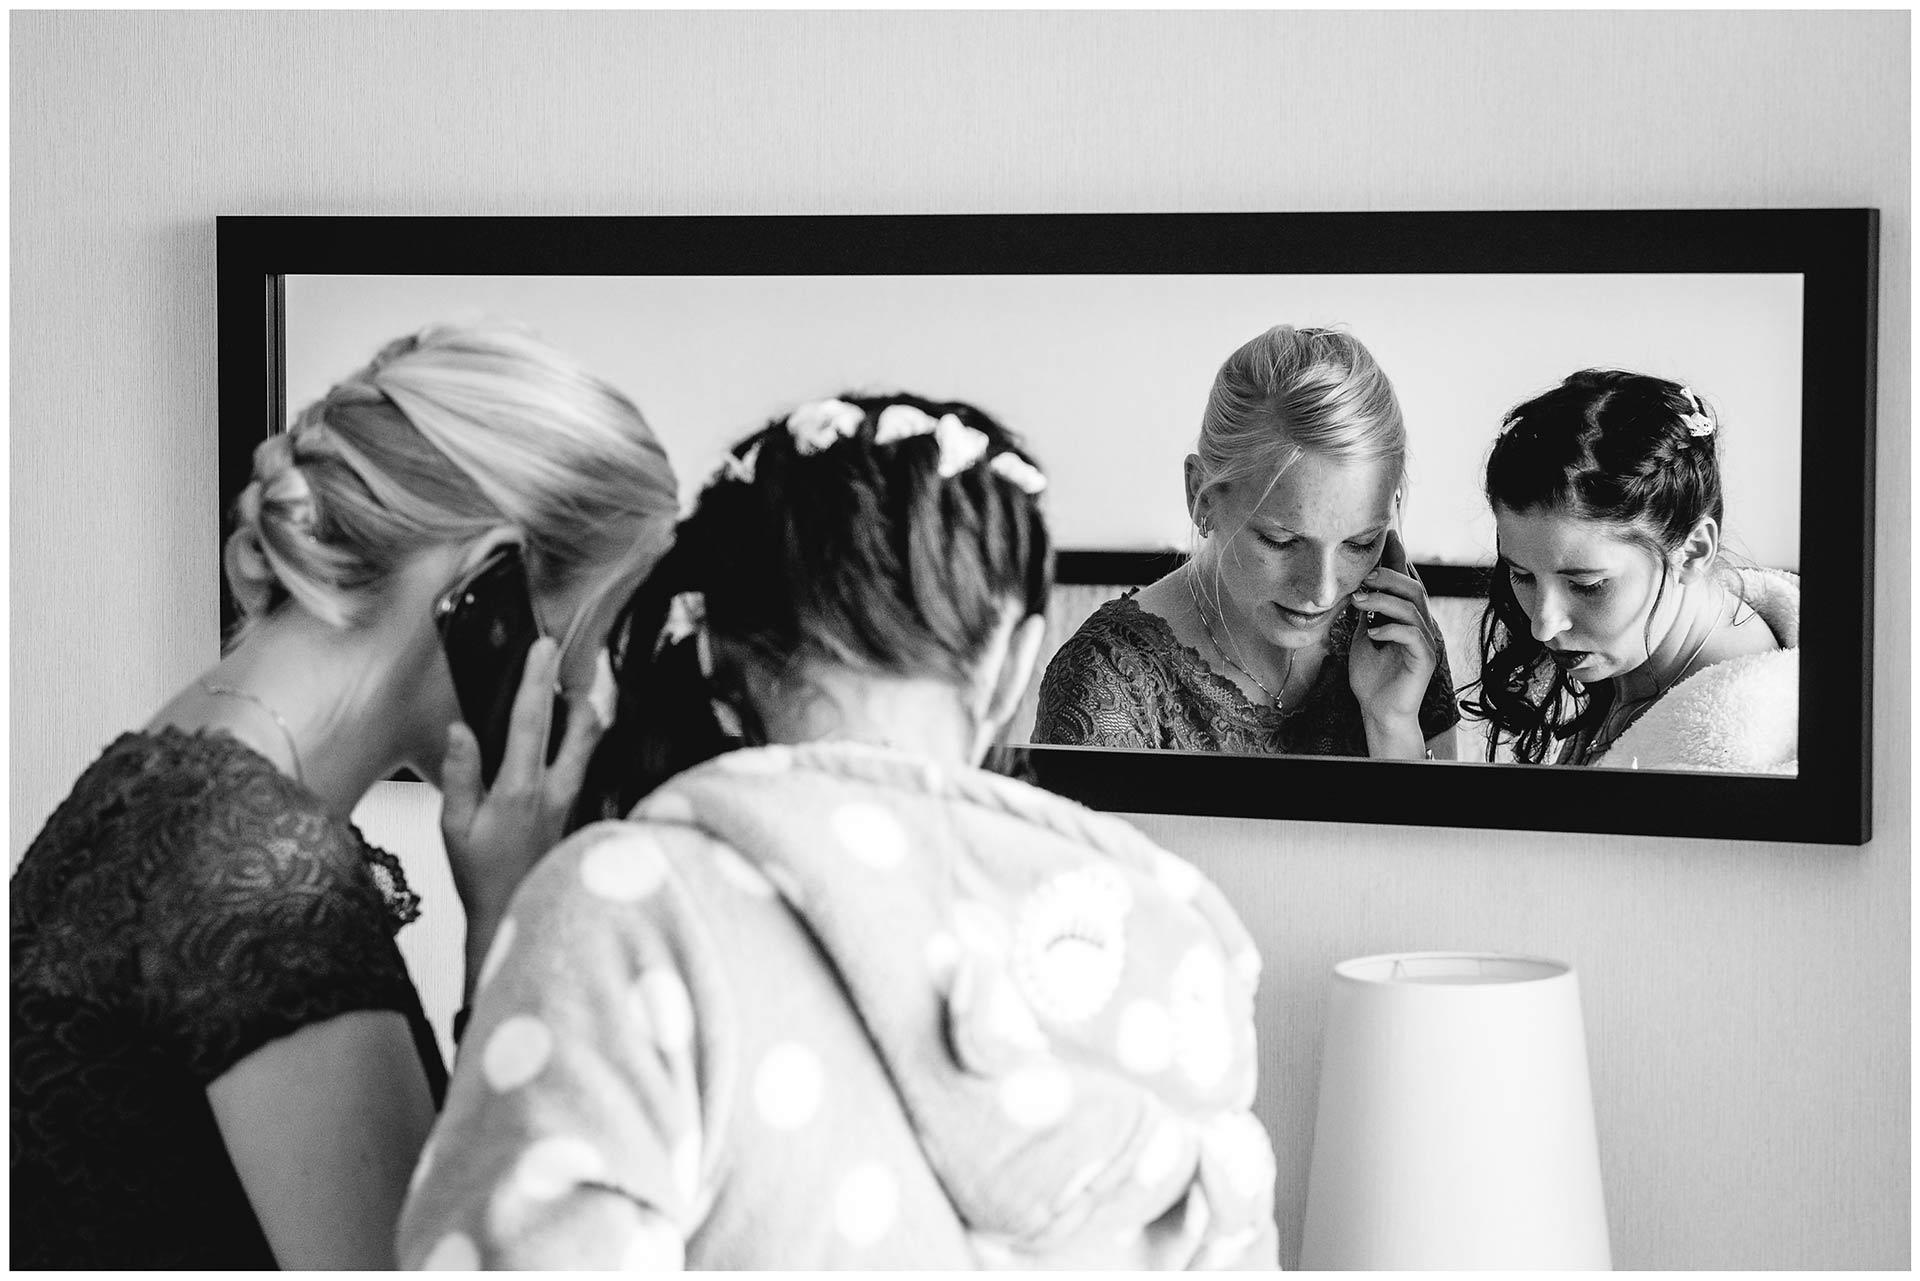 Spiegelbild-von-Braut-und-Trauzeugin-sie-telefonieren-Hochzeitsfotograf-Warnemuende-Rostock-Hochzeitsfotograf-Ostseebad-Warnemuende